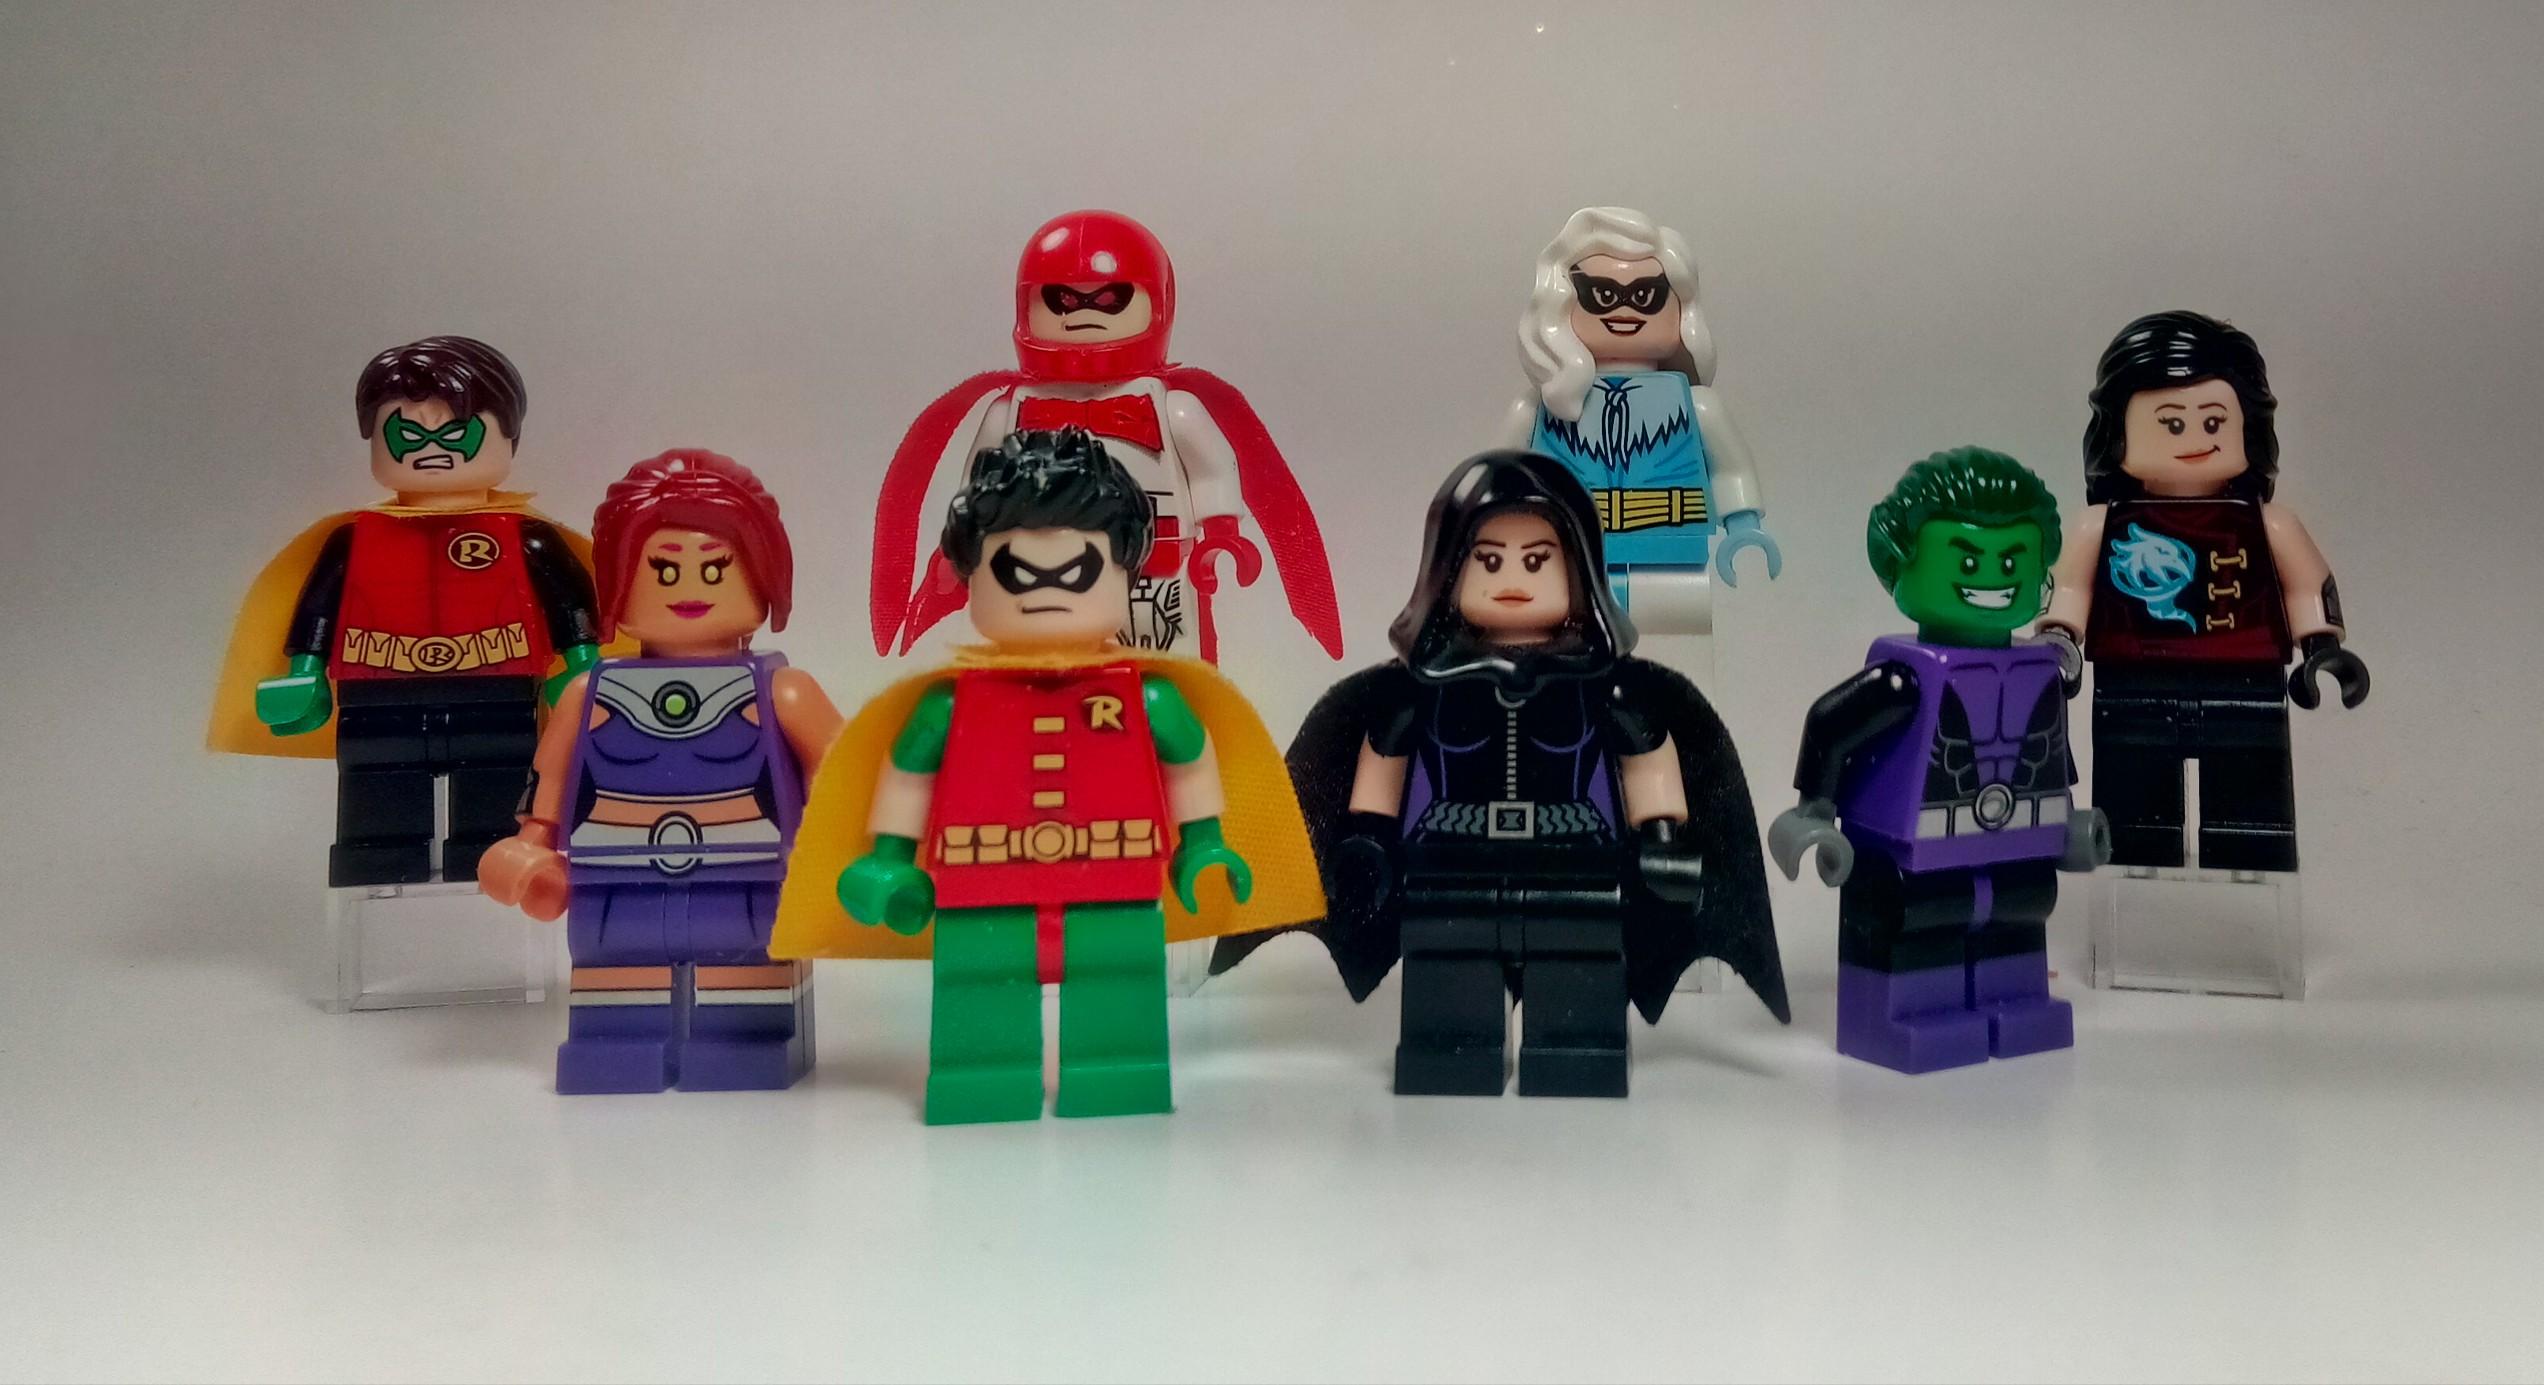 Muñecos de lego de super héroes - 2544x1385